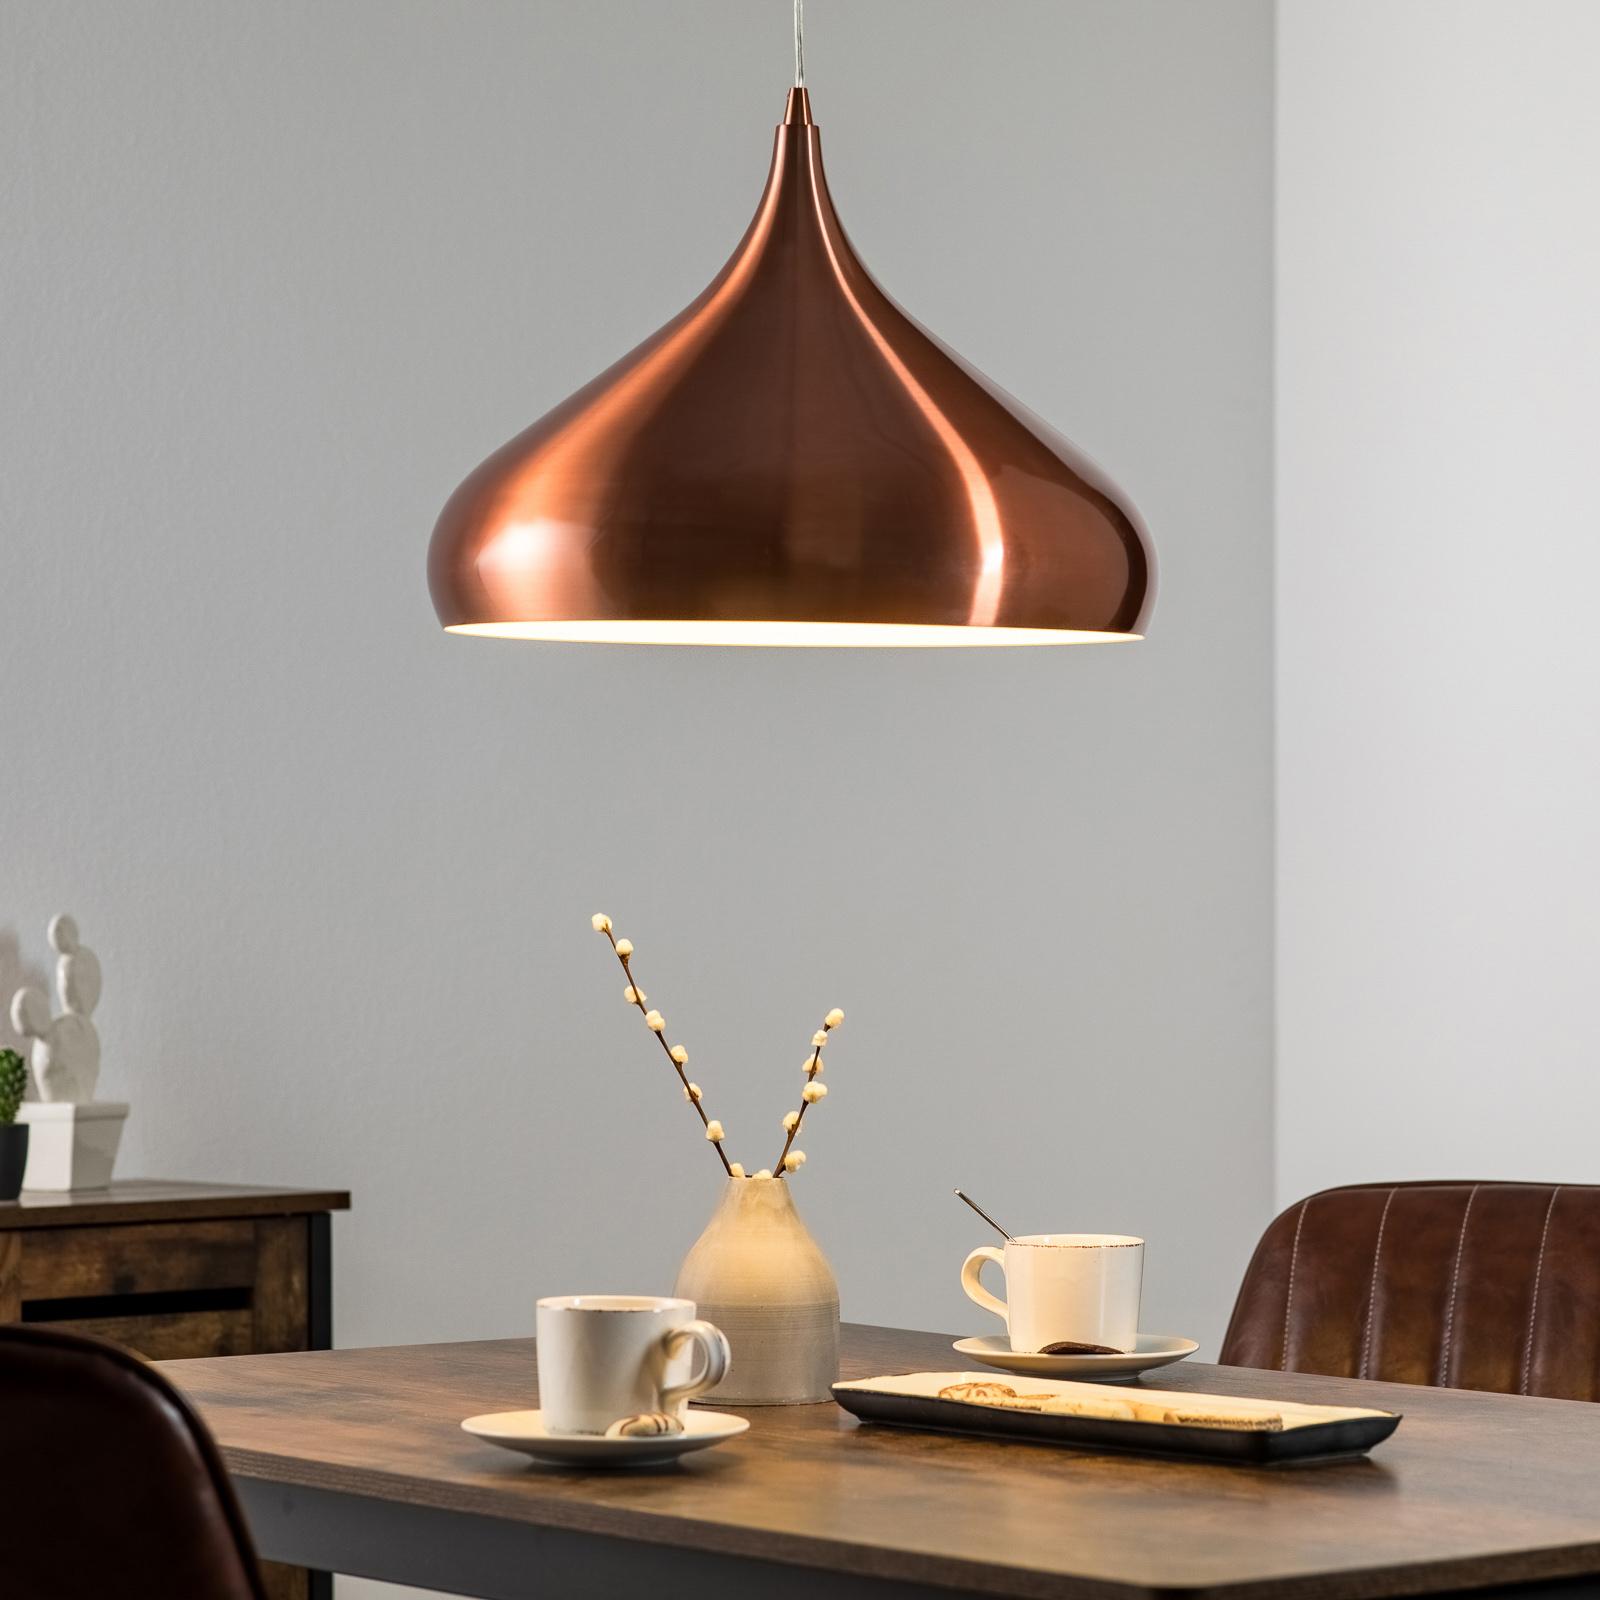 Koperkleurige hanglamp Norma van metaal